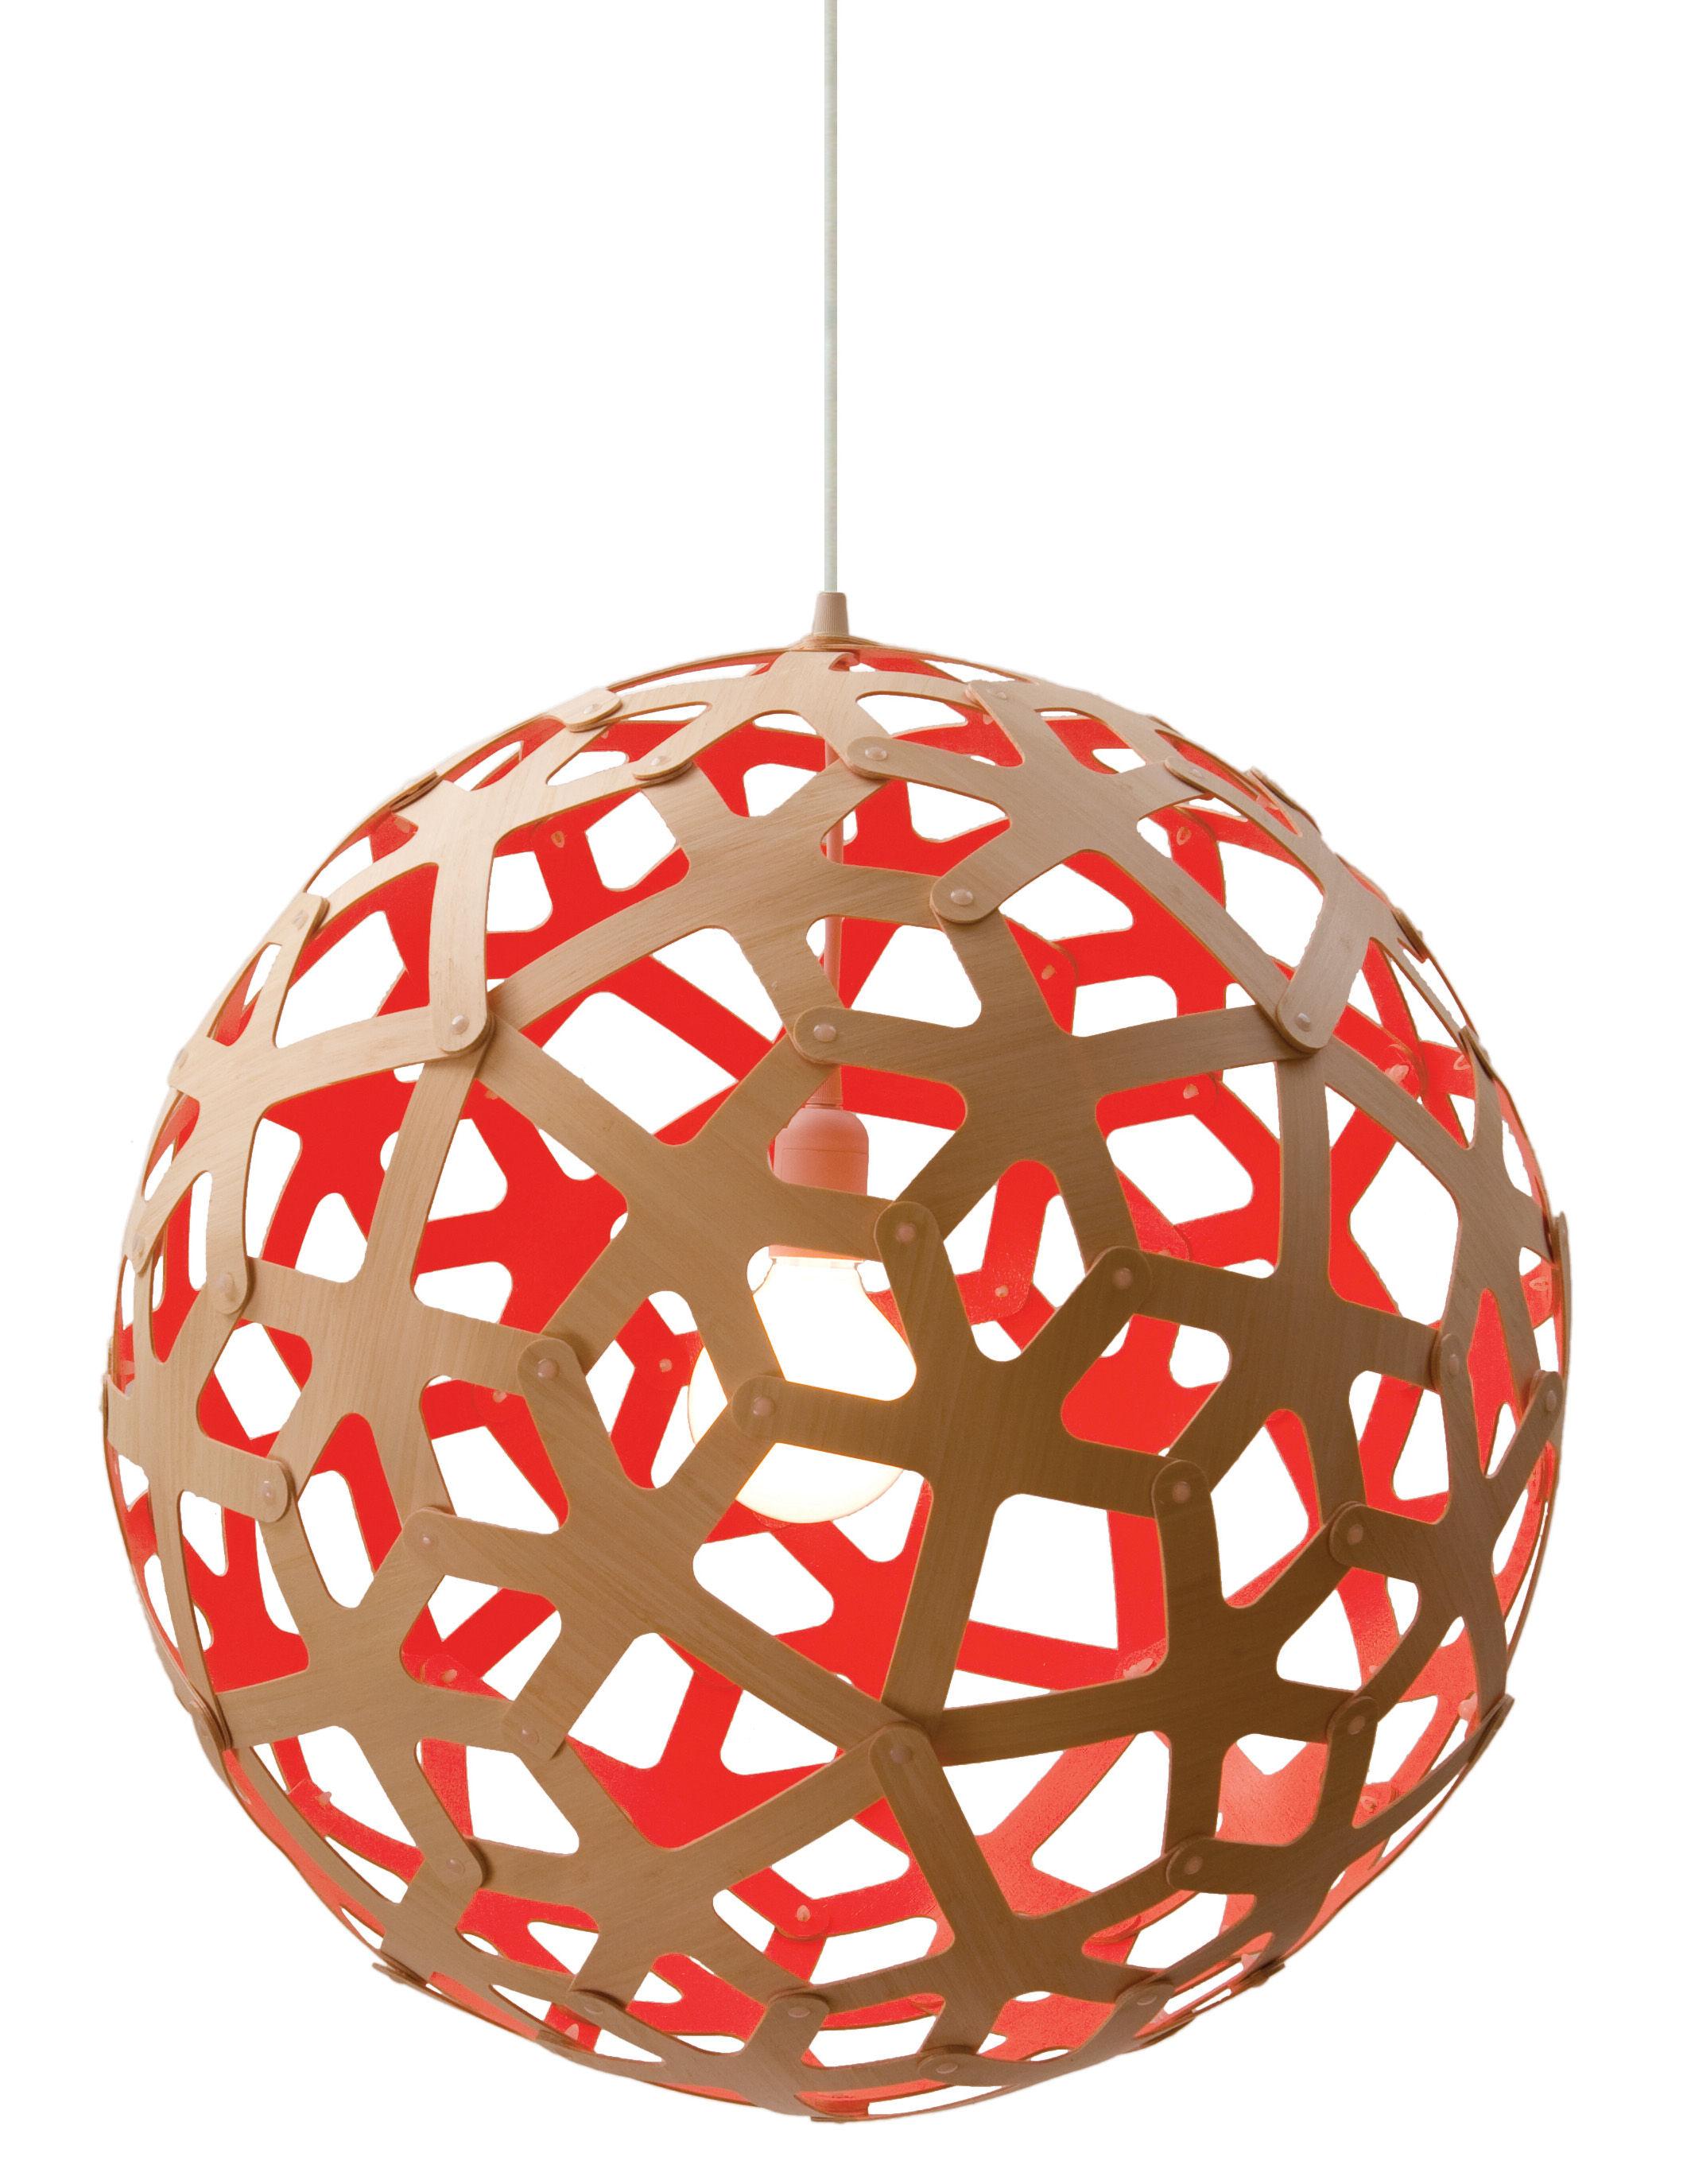 Leuchten - Pendelleuchten - Coral Pendelleuchte Ø 60 cm - Zweifarbig - Exklusiv - David Trubridge - Rot / Holz natur - Kiefer